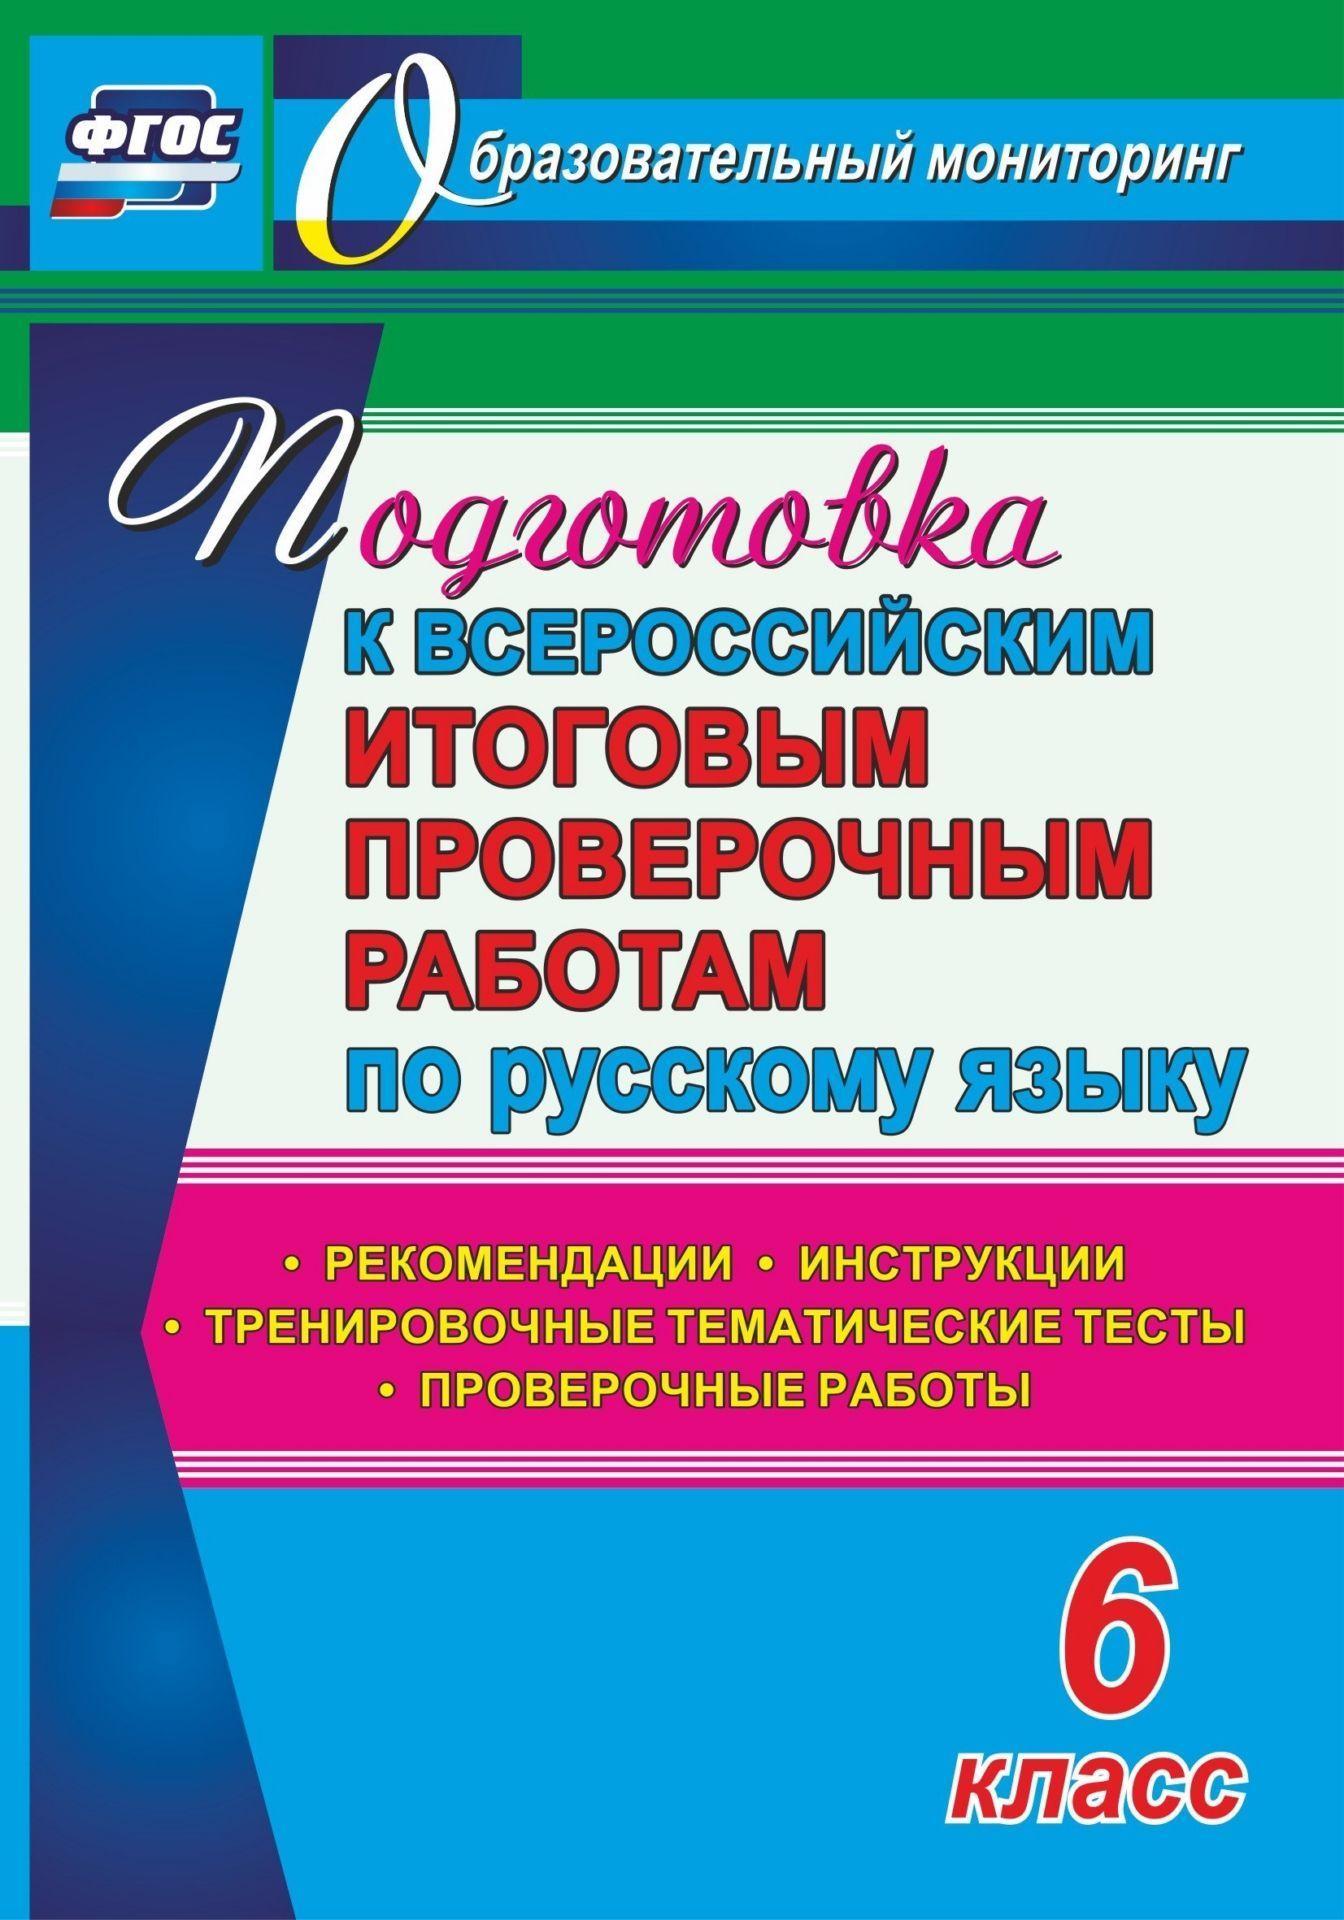 Подготовка к Всероссийским итоговым проверочным работам по русскому языку. 6 класс: рекомендации, проверочные работы, тренировочные тематические тесты, инструкции